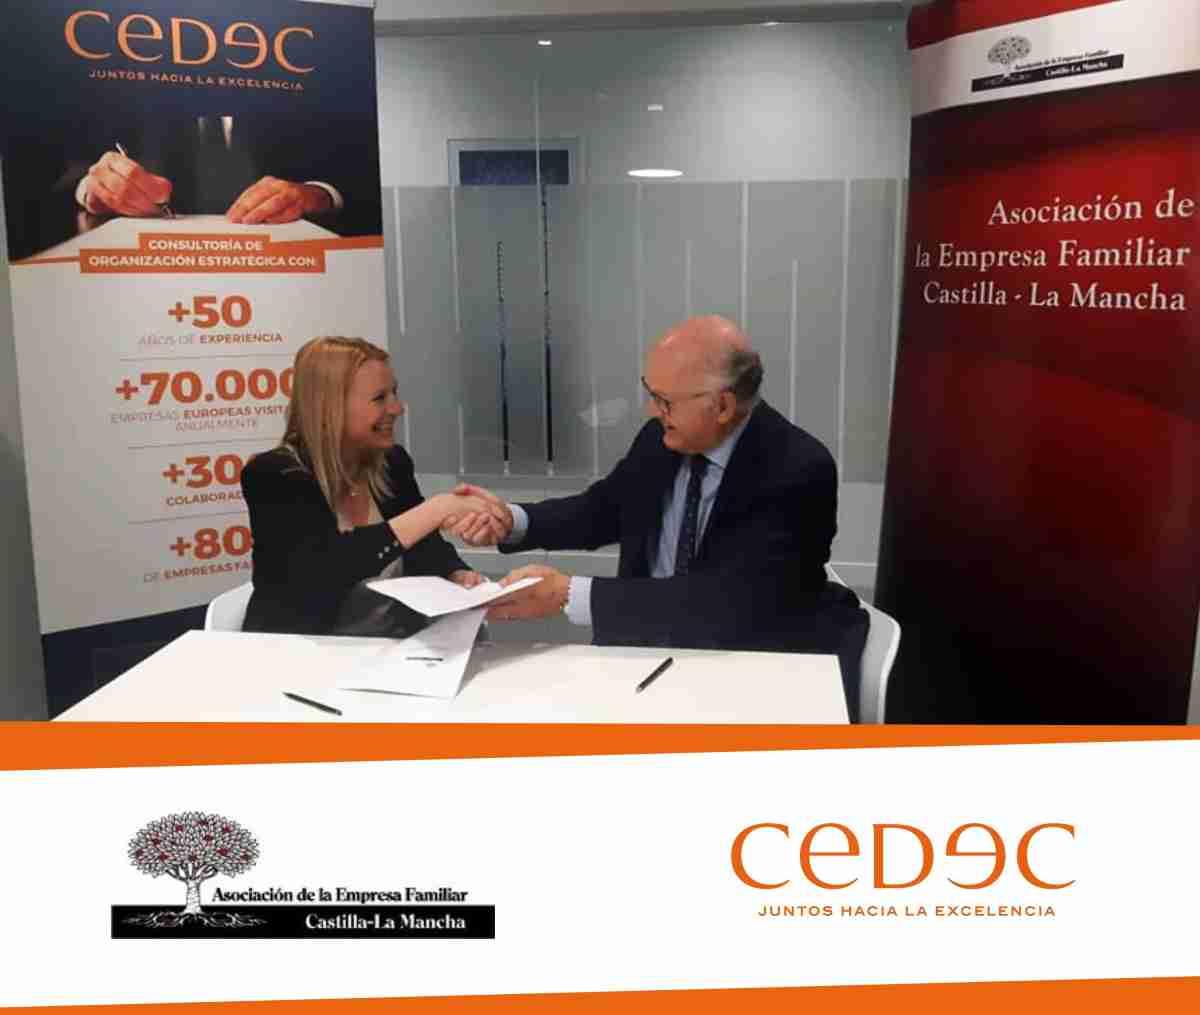 acuerdo de colaboracion entre CEDEC y la AEFCLM